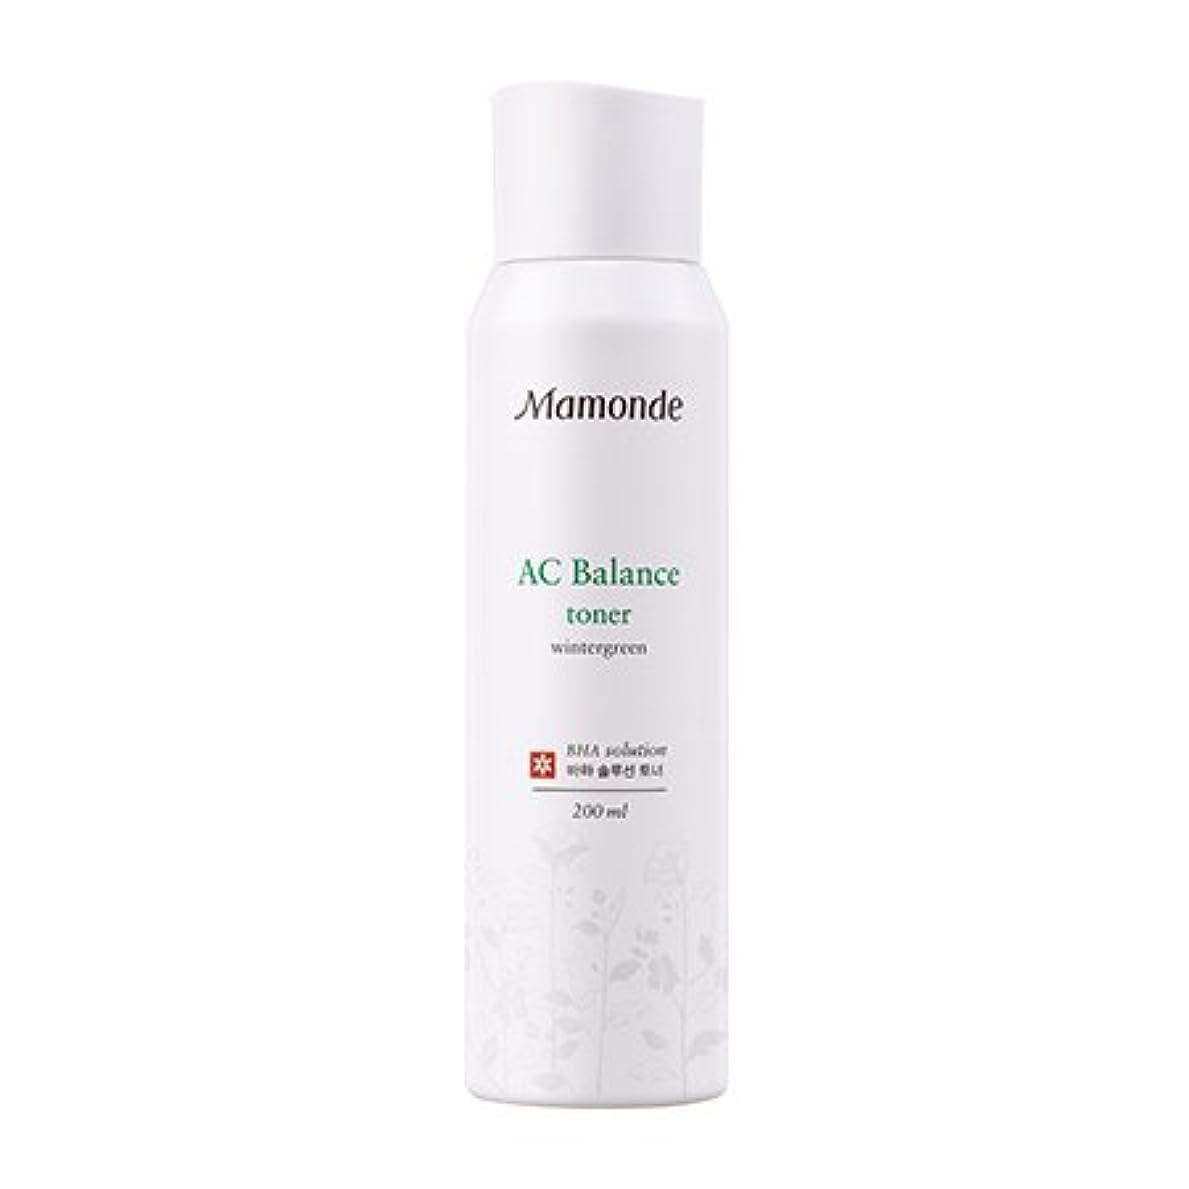 極貧指令メロドラマ[New] Mamonde AC Balance Toner 200ml/マモンド AC バランス トナー 200ml [並行輸入品]